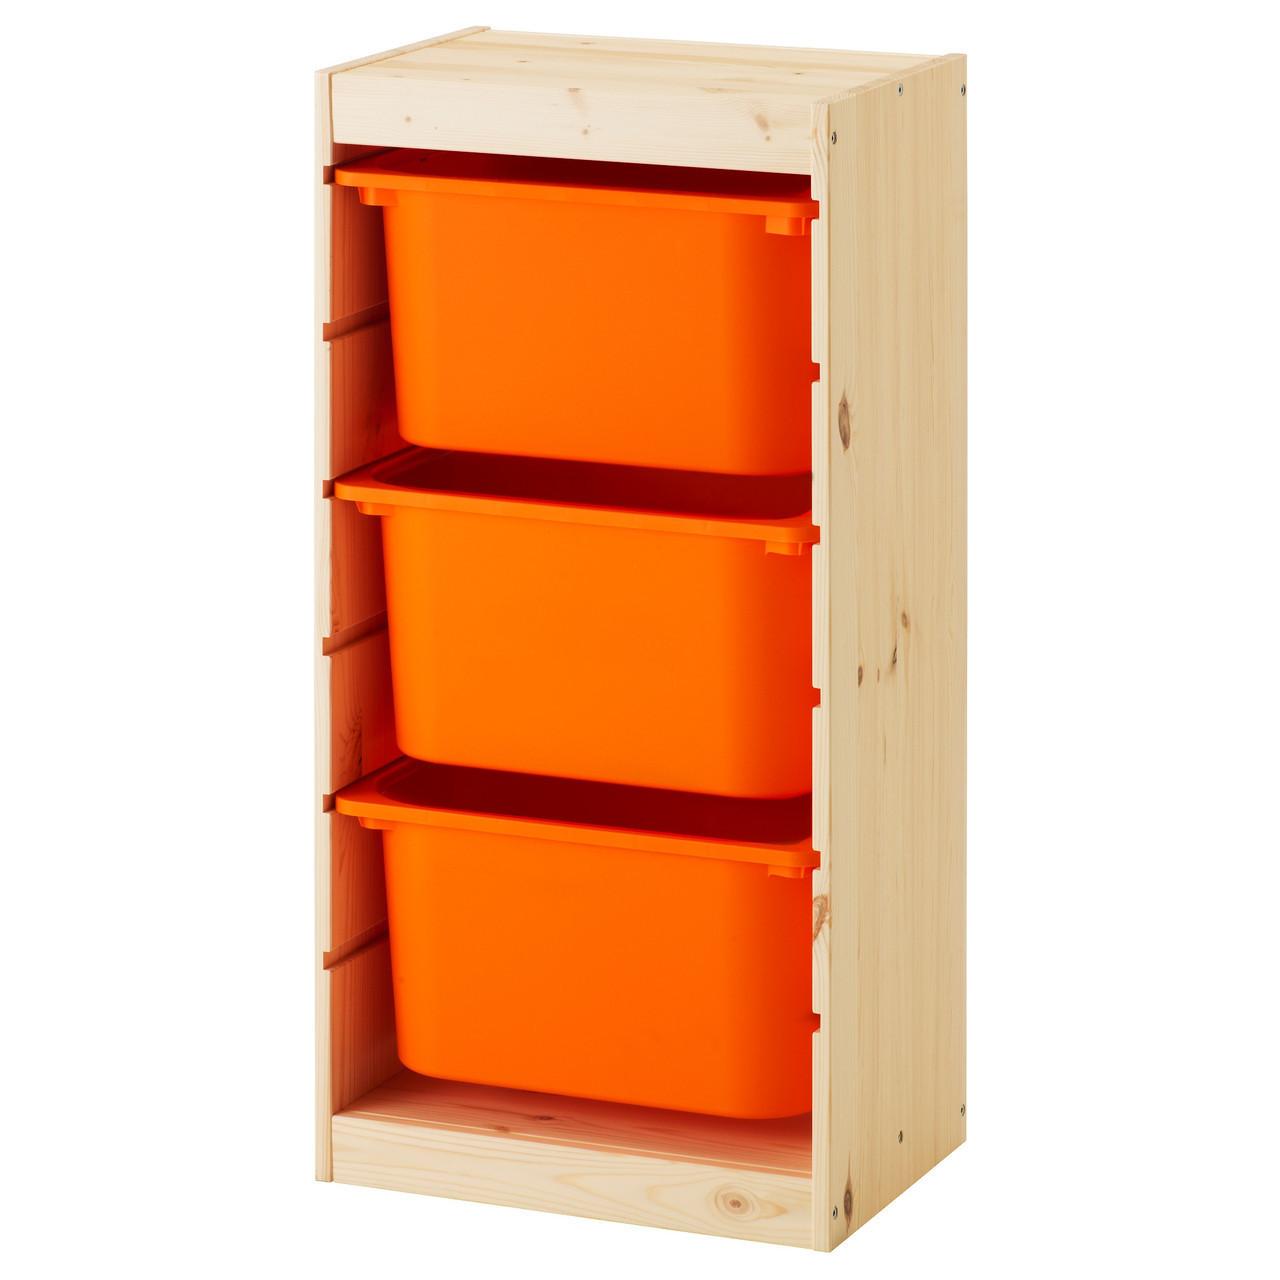 TROFAST Стеллаж с контейнерами, сосна, оранжевый 191.031.78